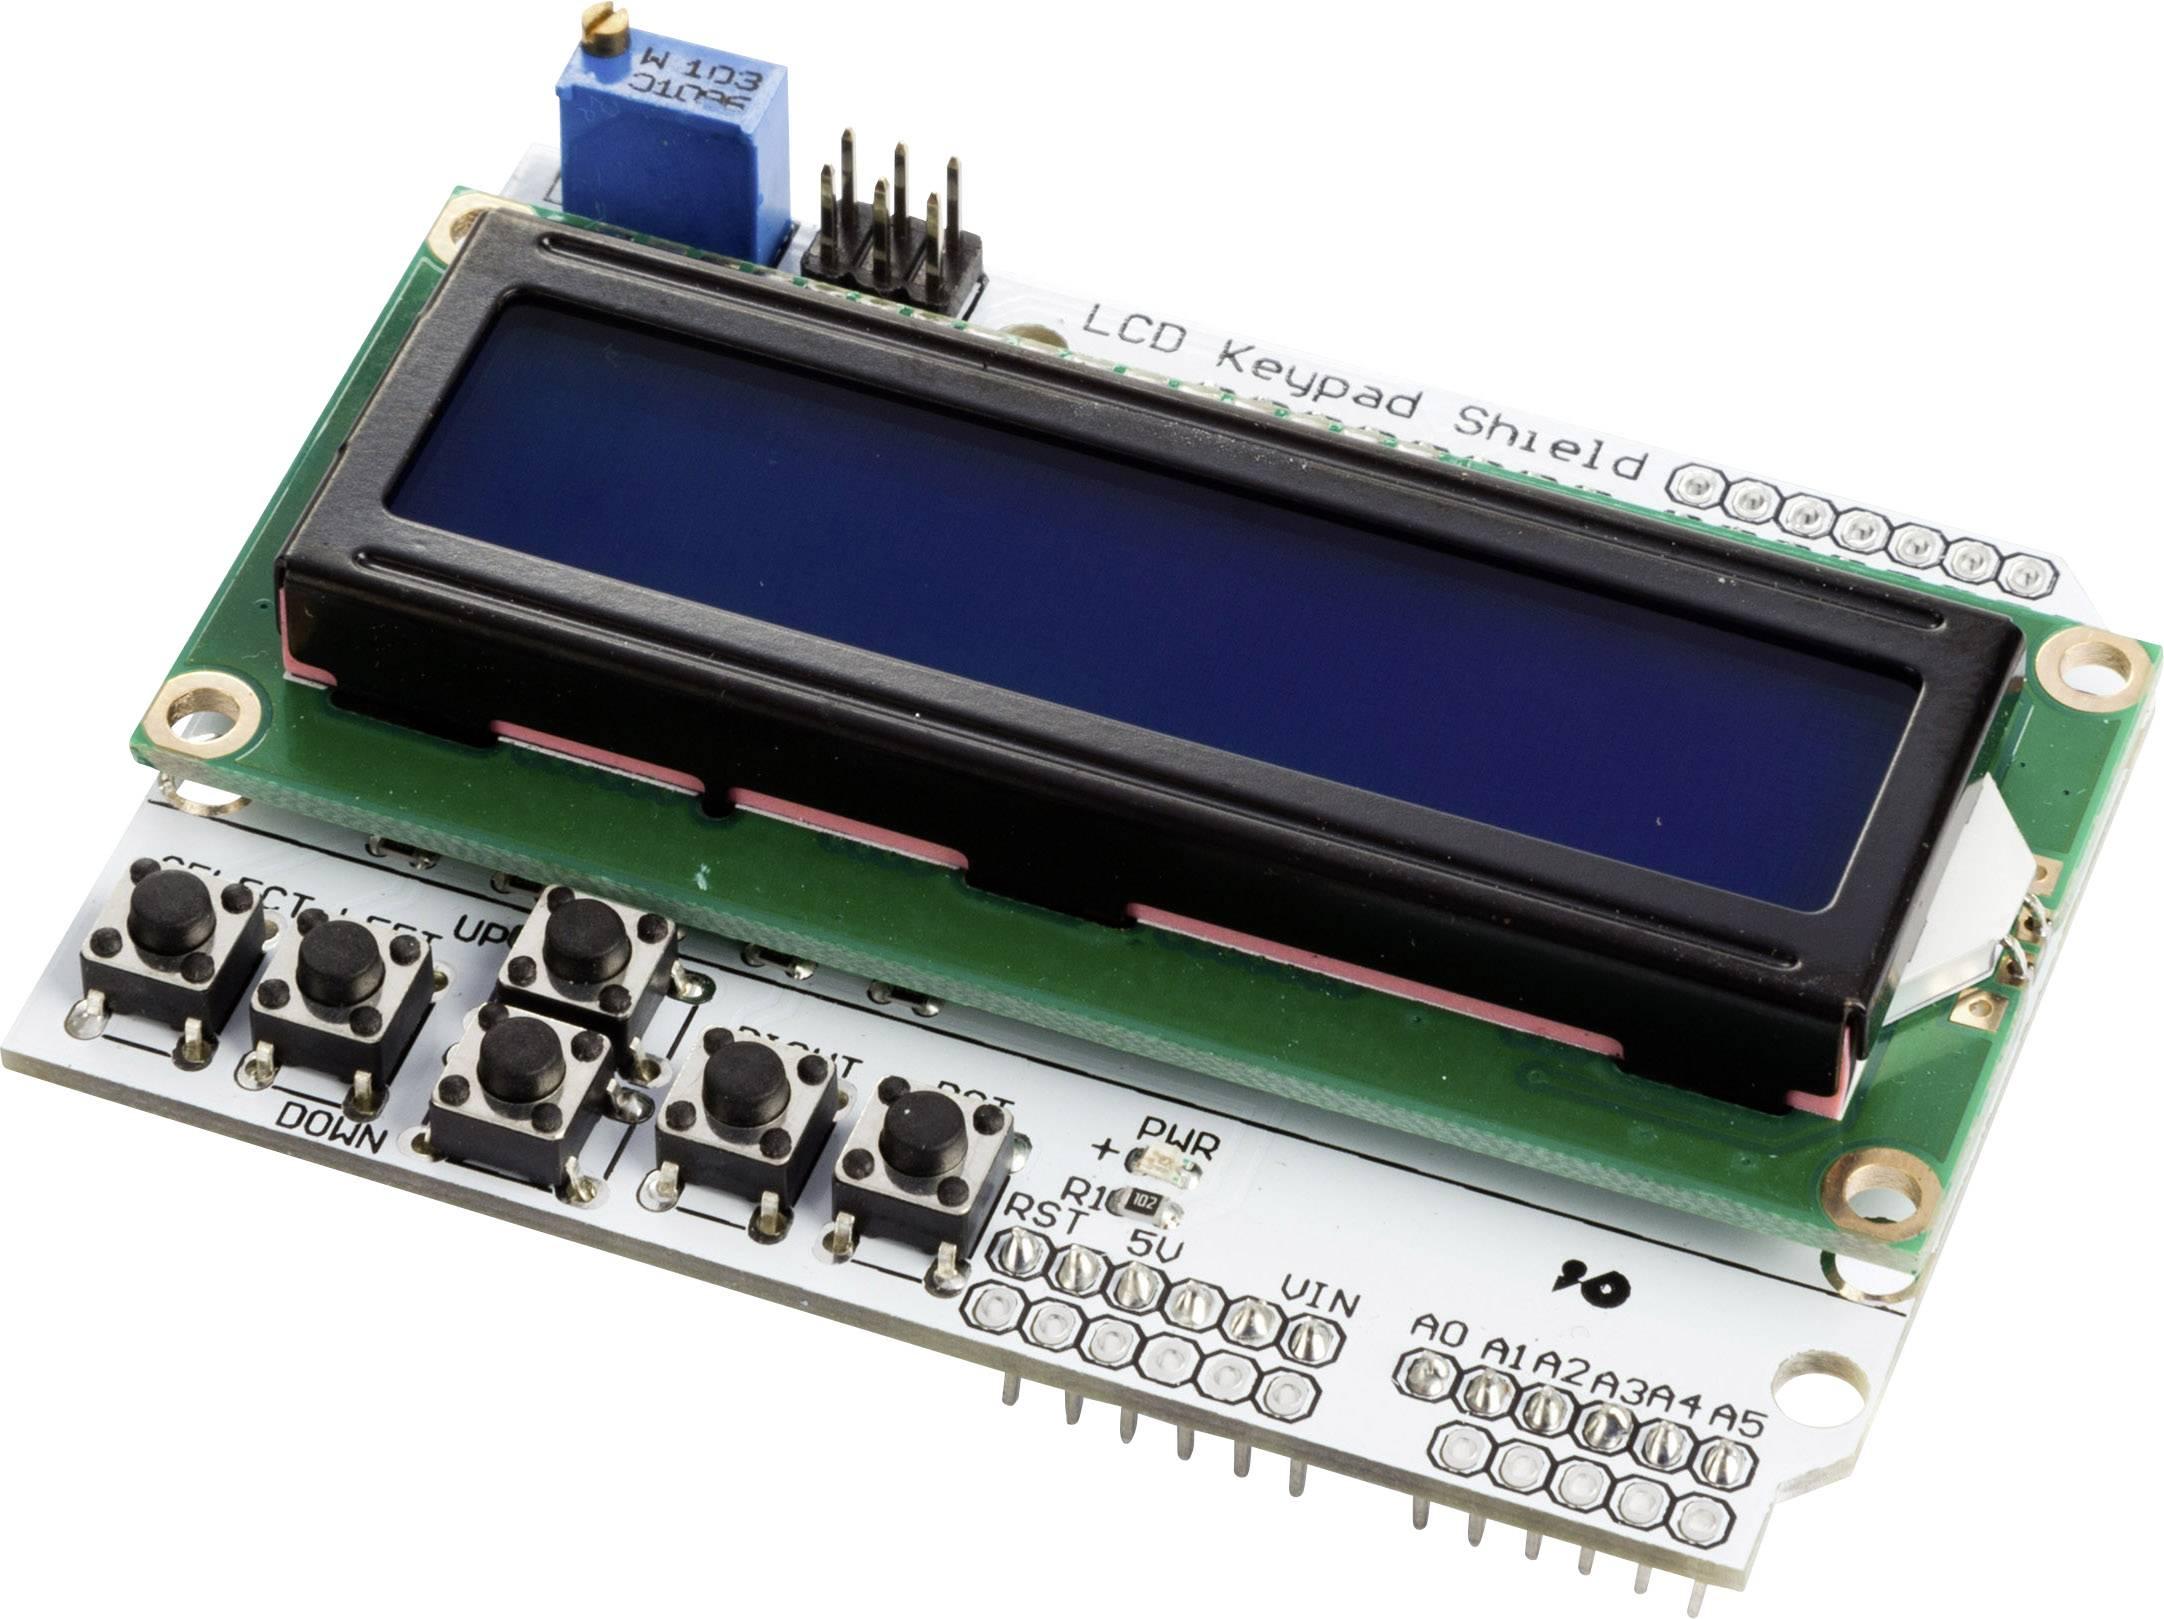 Arduino elektronik gebraucht kaufen in sachsen ebay kleinanzeigen